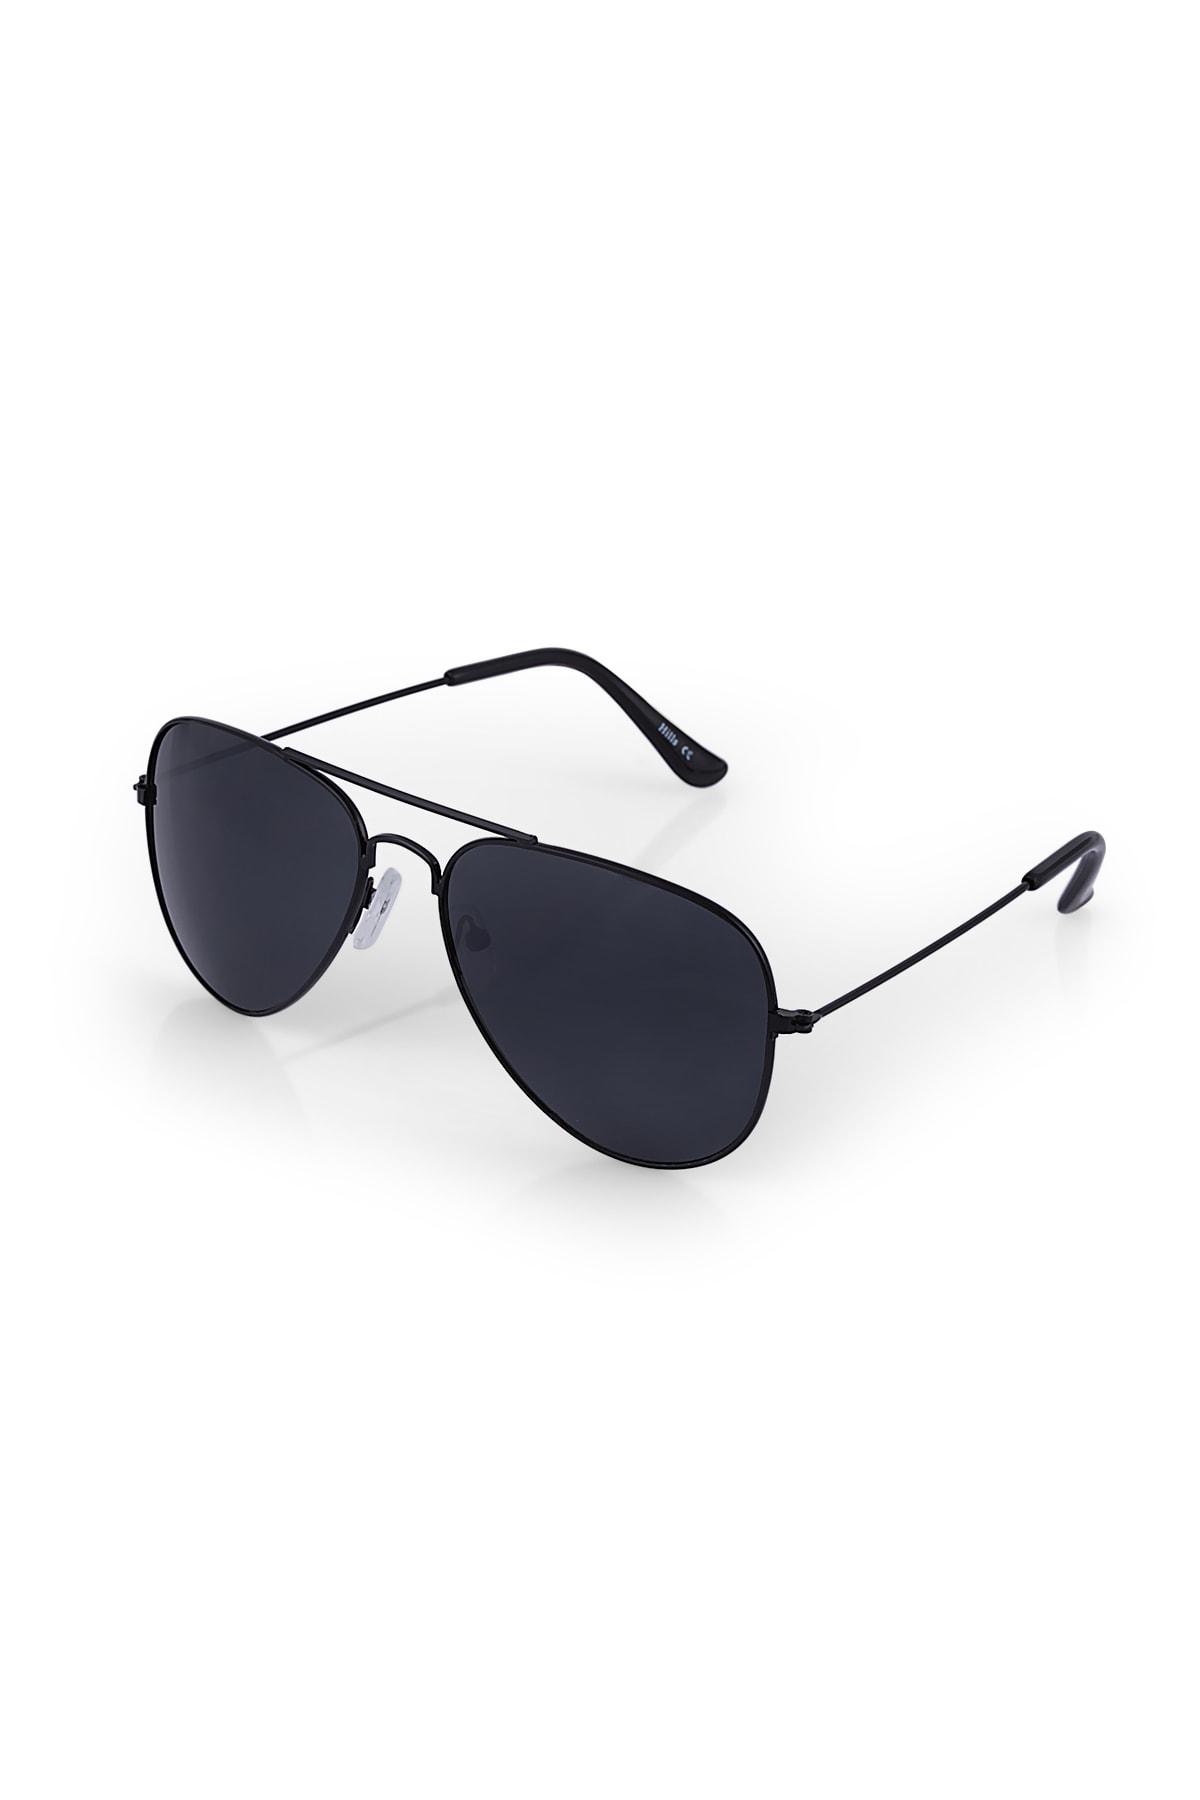 Damla Unisex Güneş Gözlüğü